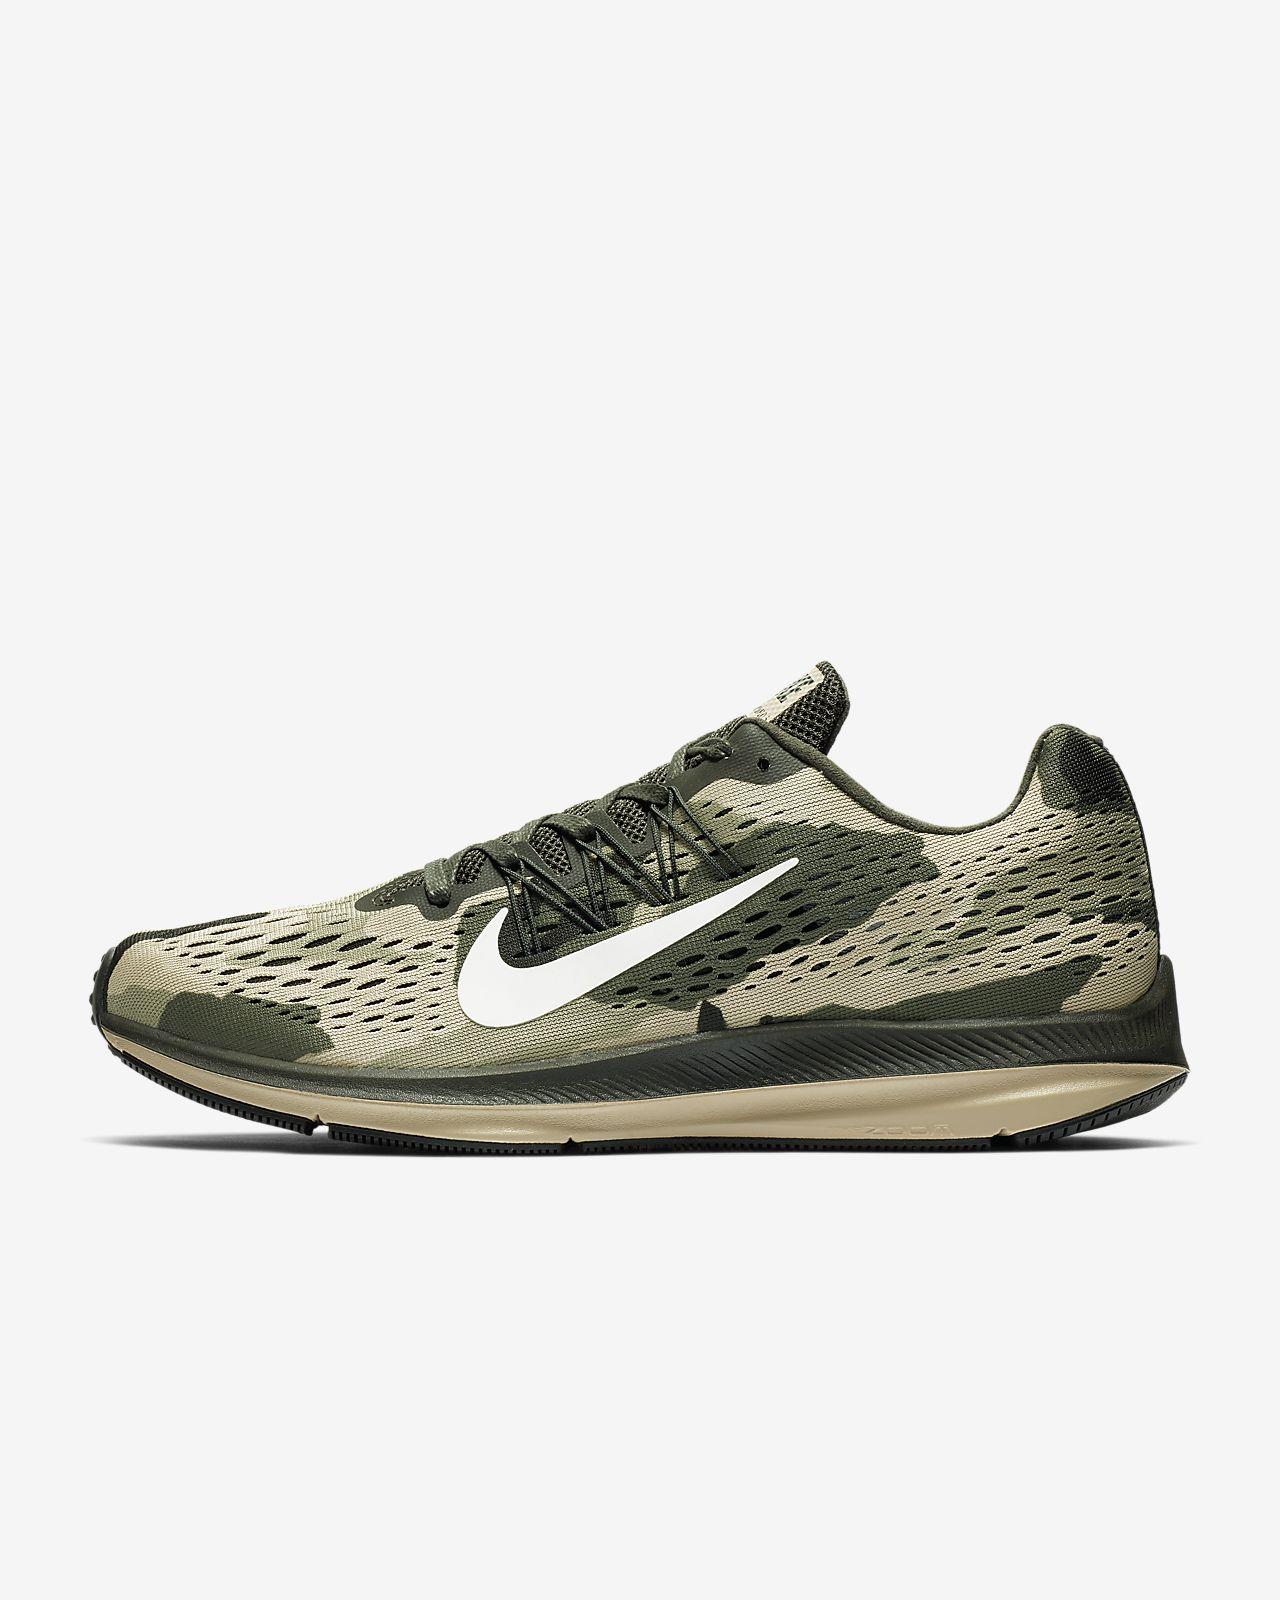 09032b2ecaaf Nike Air Zoom Winflo 5 Camo Men s Running Shoe. Nike.com